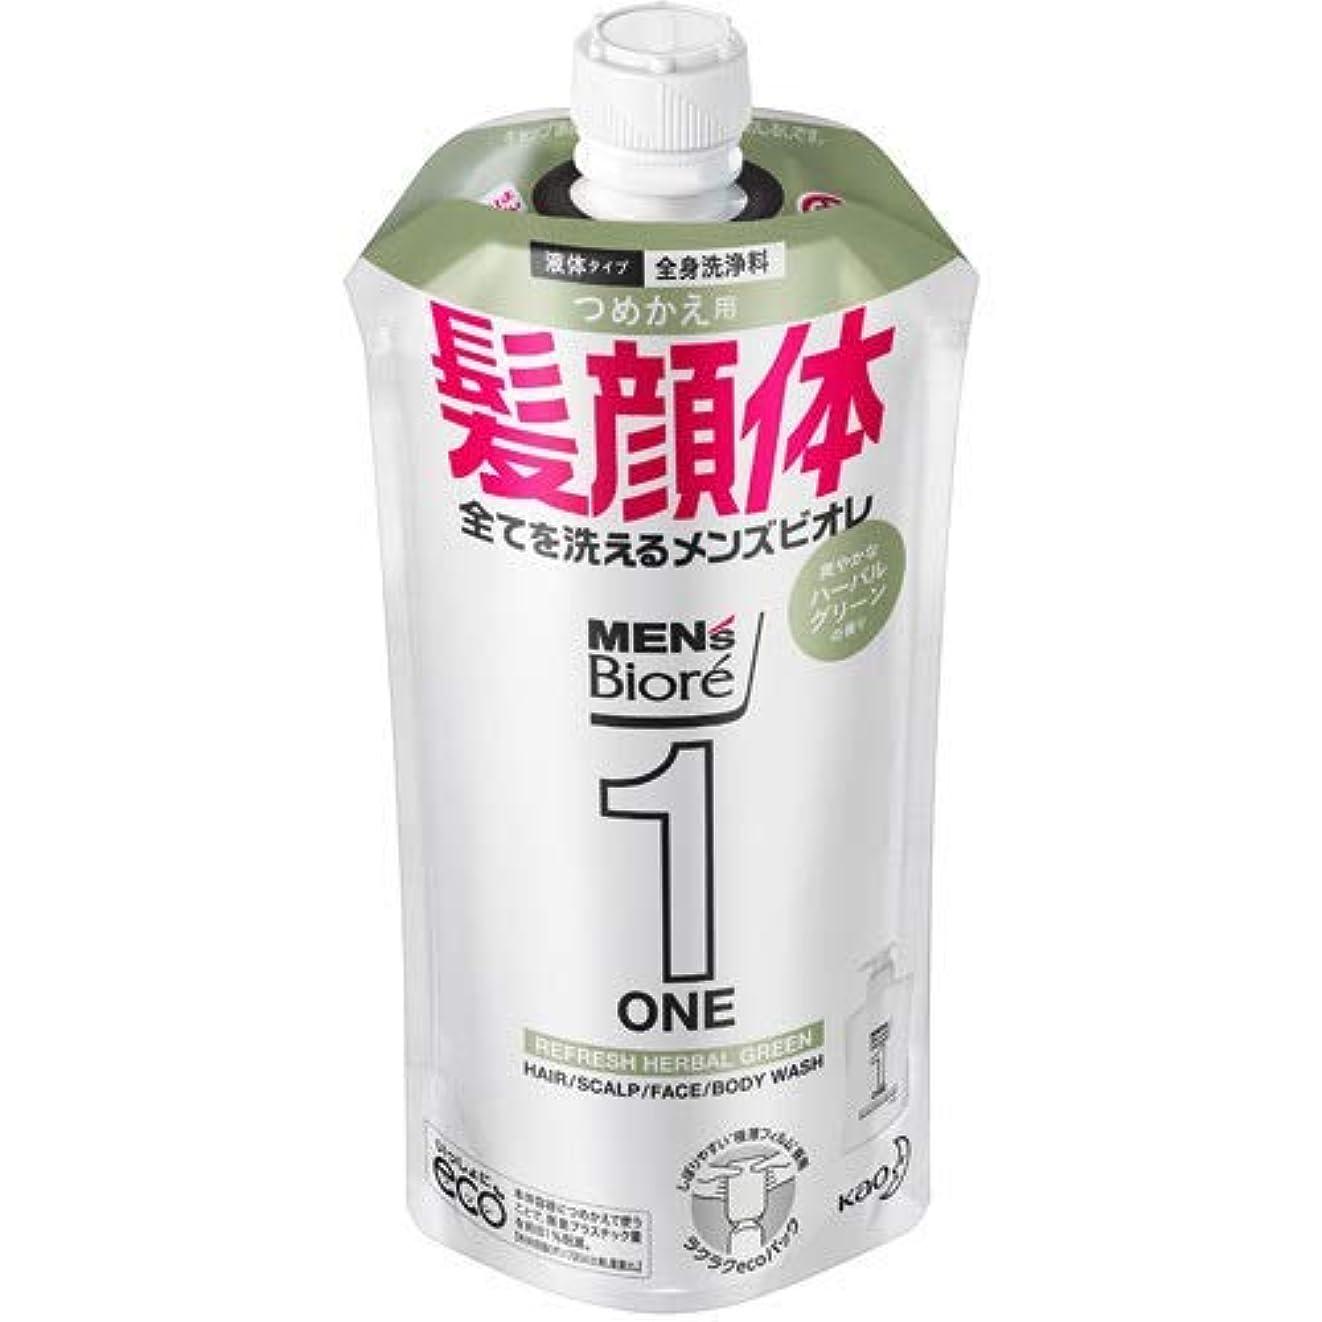 【10個セット】メンズビオレONE オールインワン全身洗浄料 爽やかなハーブルグリーンの香り つめかえ用 340mL